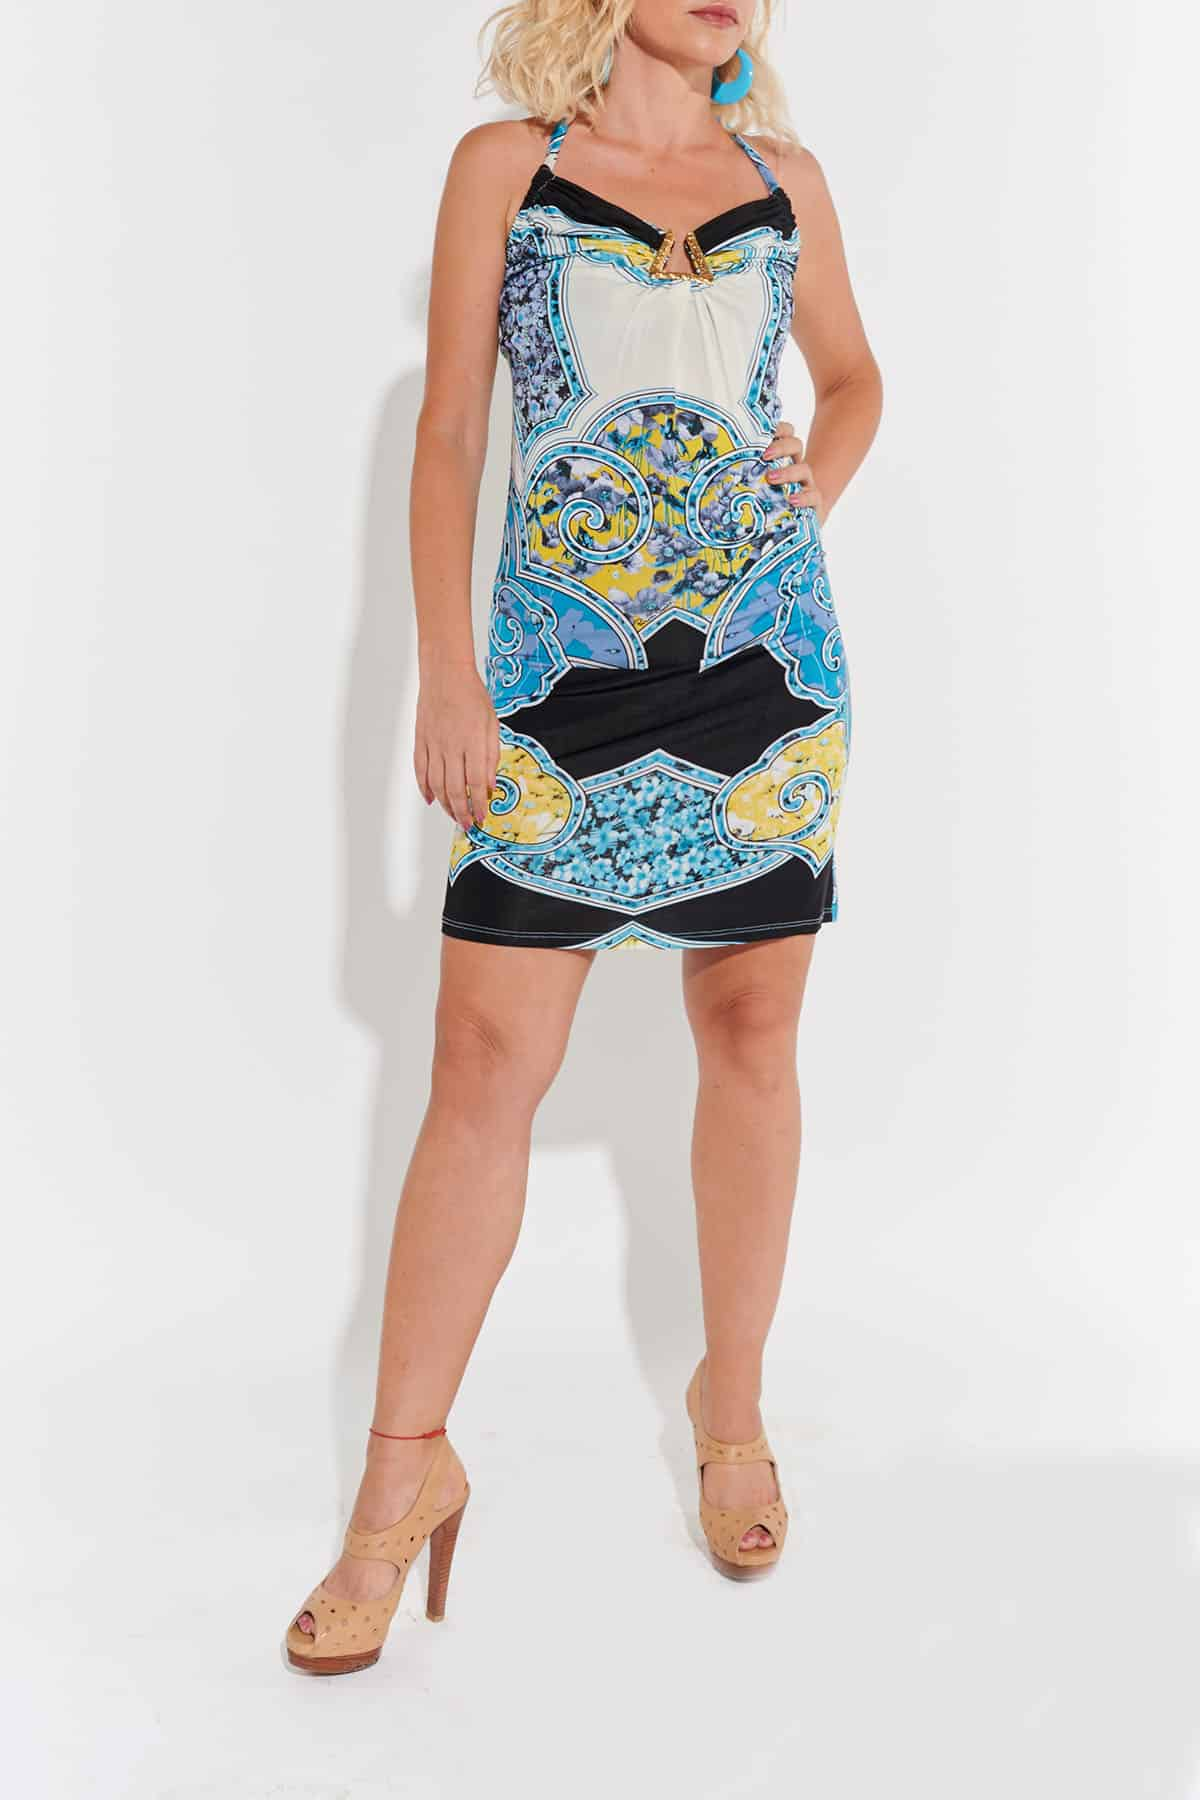 90lar vintage elbise Roberto Cavalli streç jarse beyaz üzeri sarı mavi siyah desenli göğsü üçgen metal süslü.